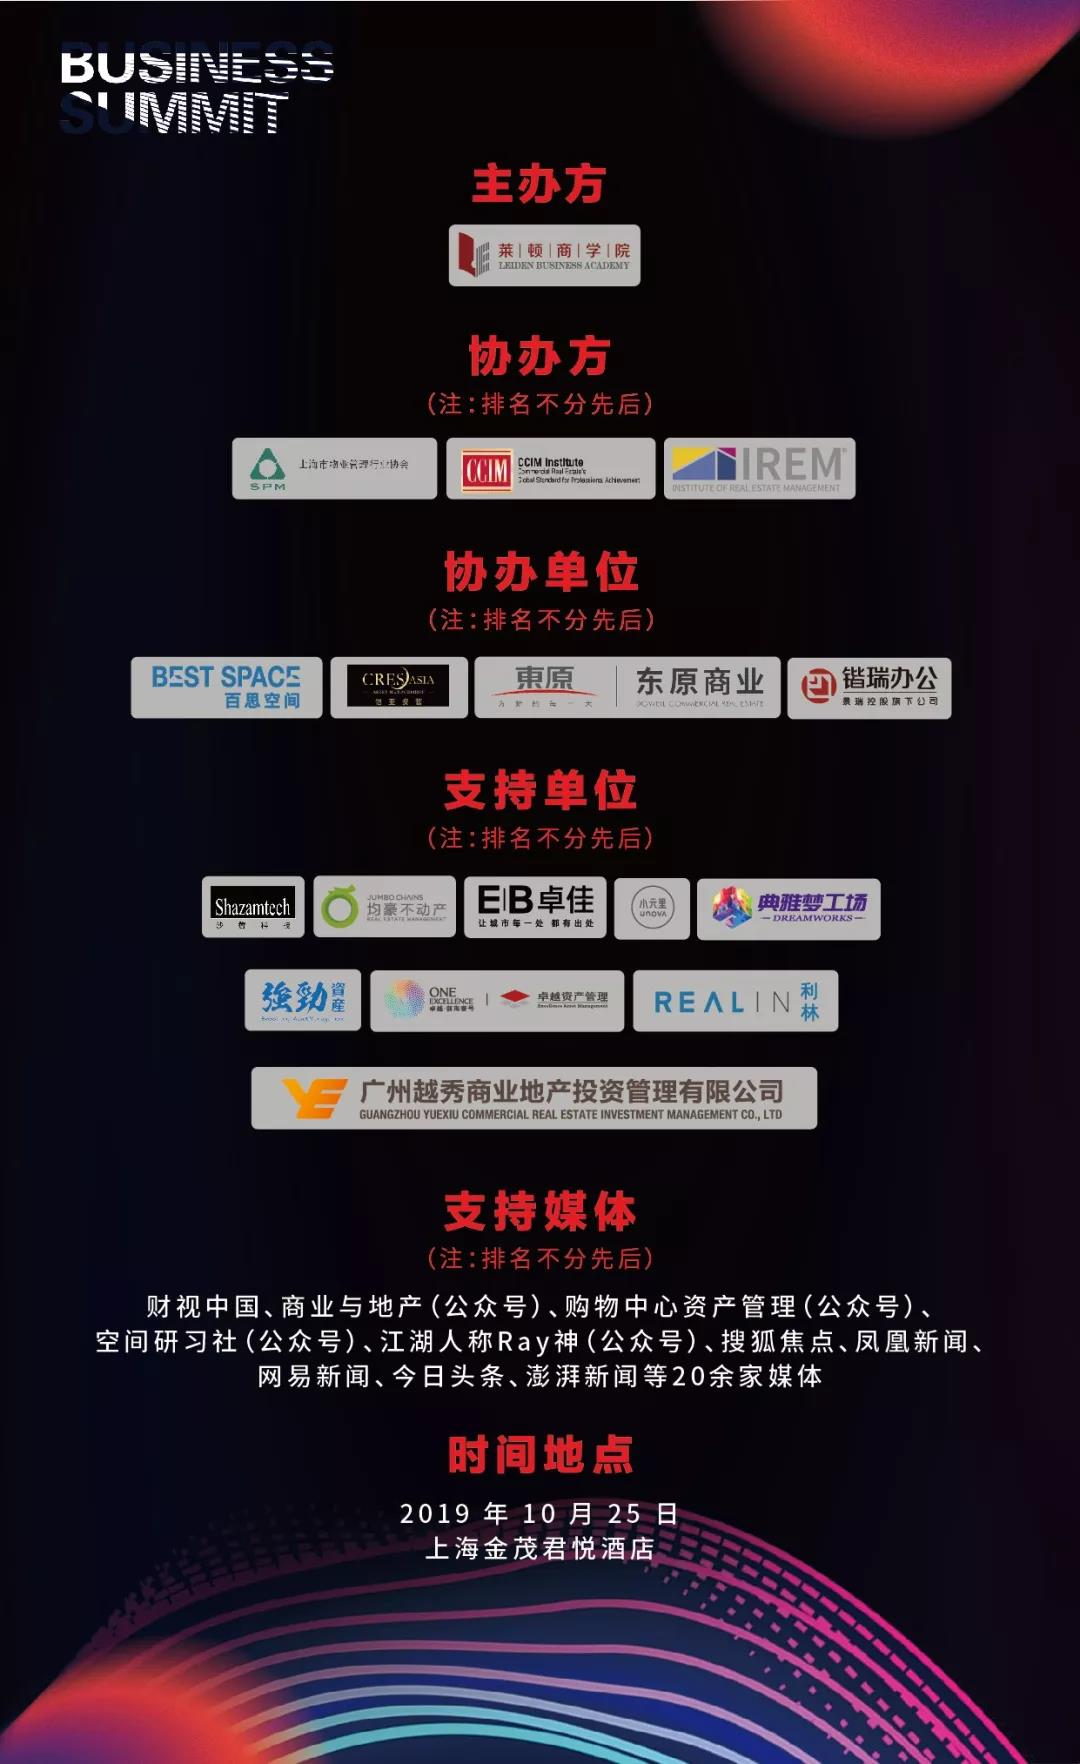 2019 亞太商業不動產 C2峰會(上海)